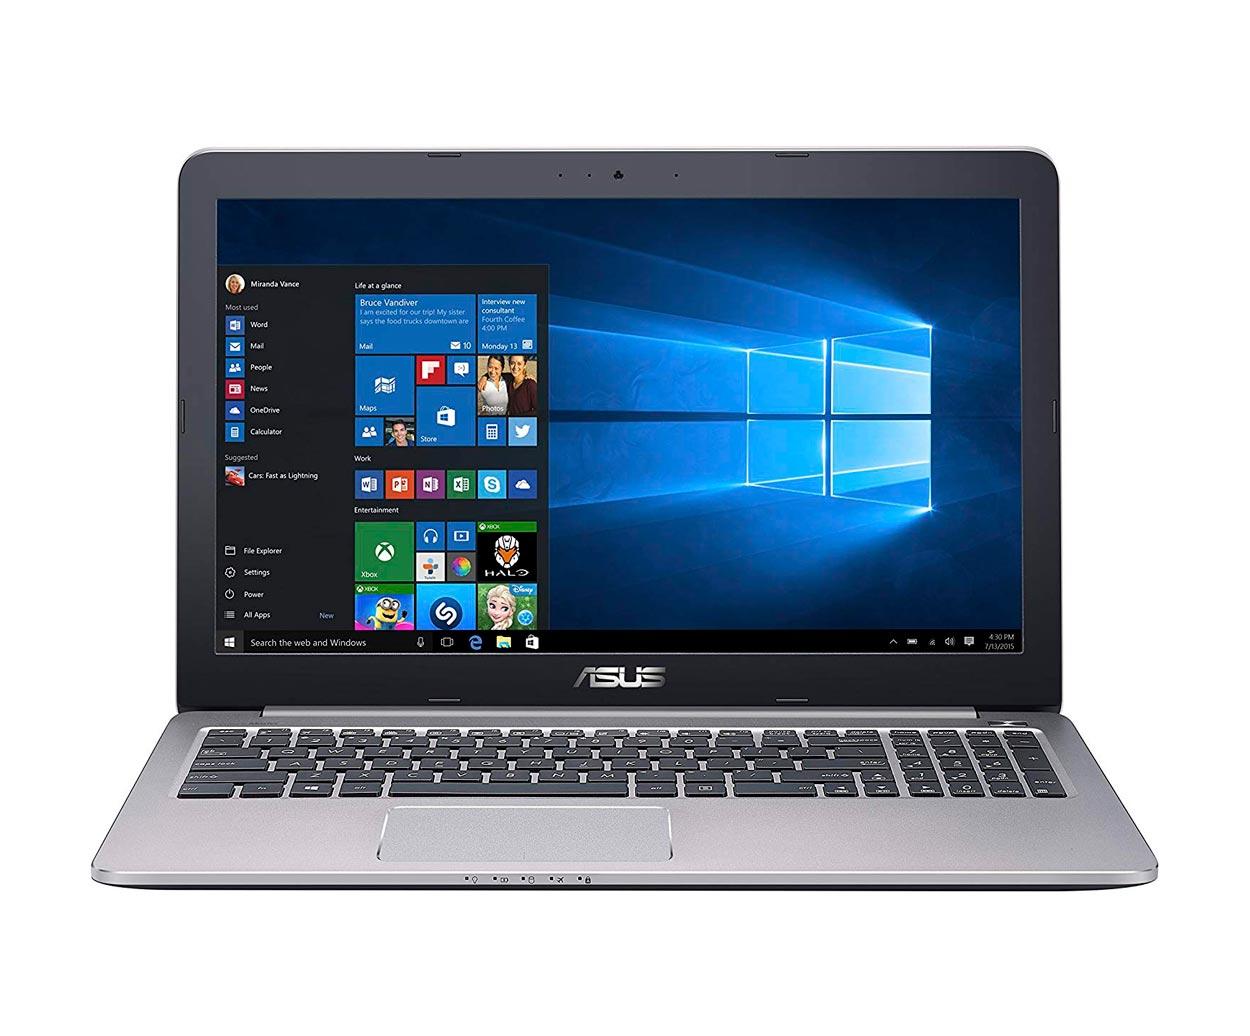 لپ تاپ استوک ایسوس مدل ASUS V502L